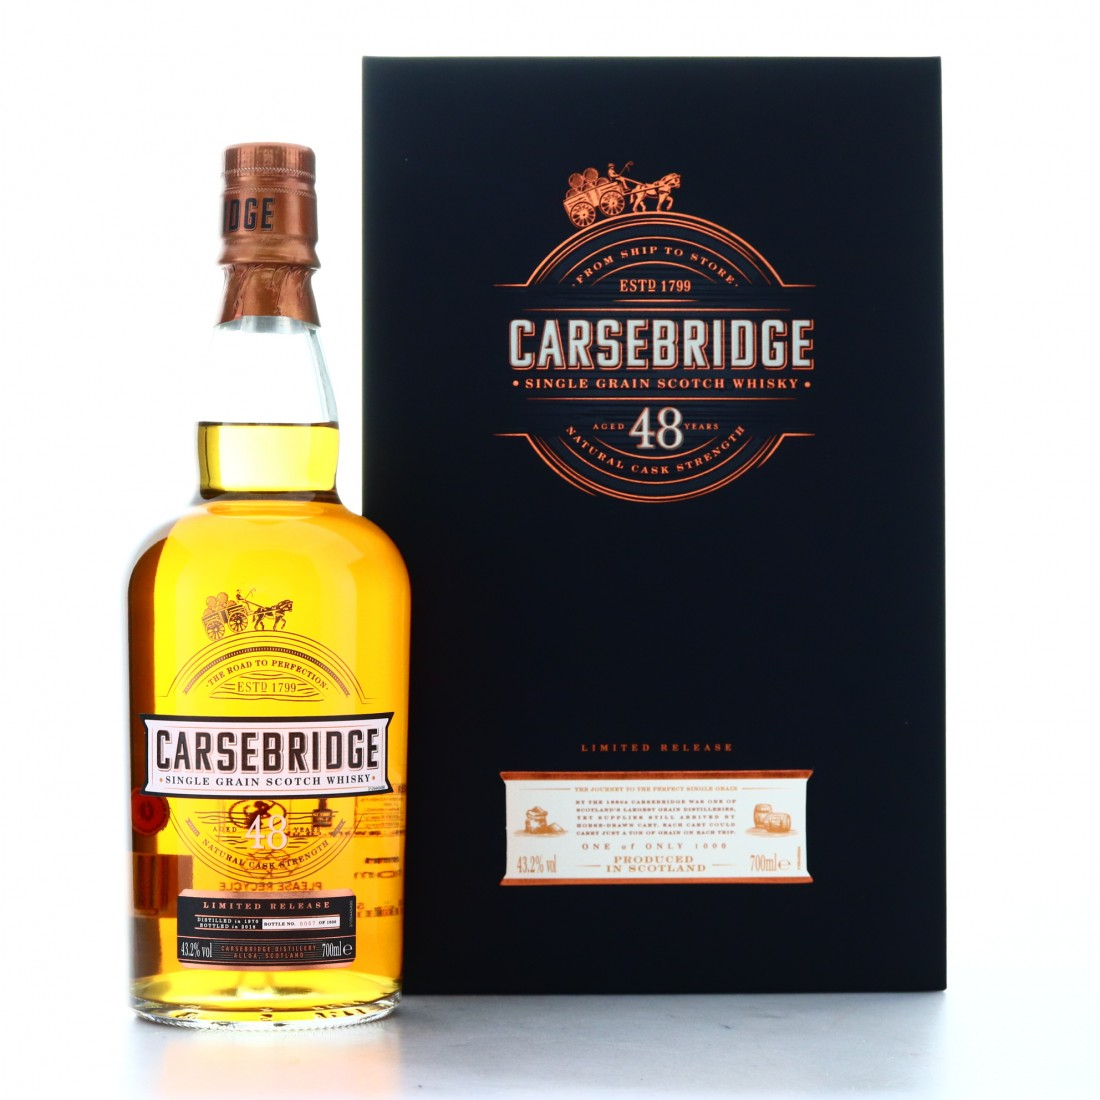 Carsebridge 1970 Cask Strength 48 Year Old